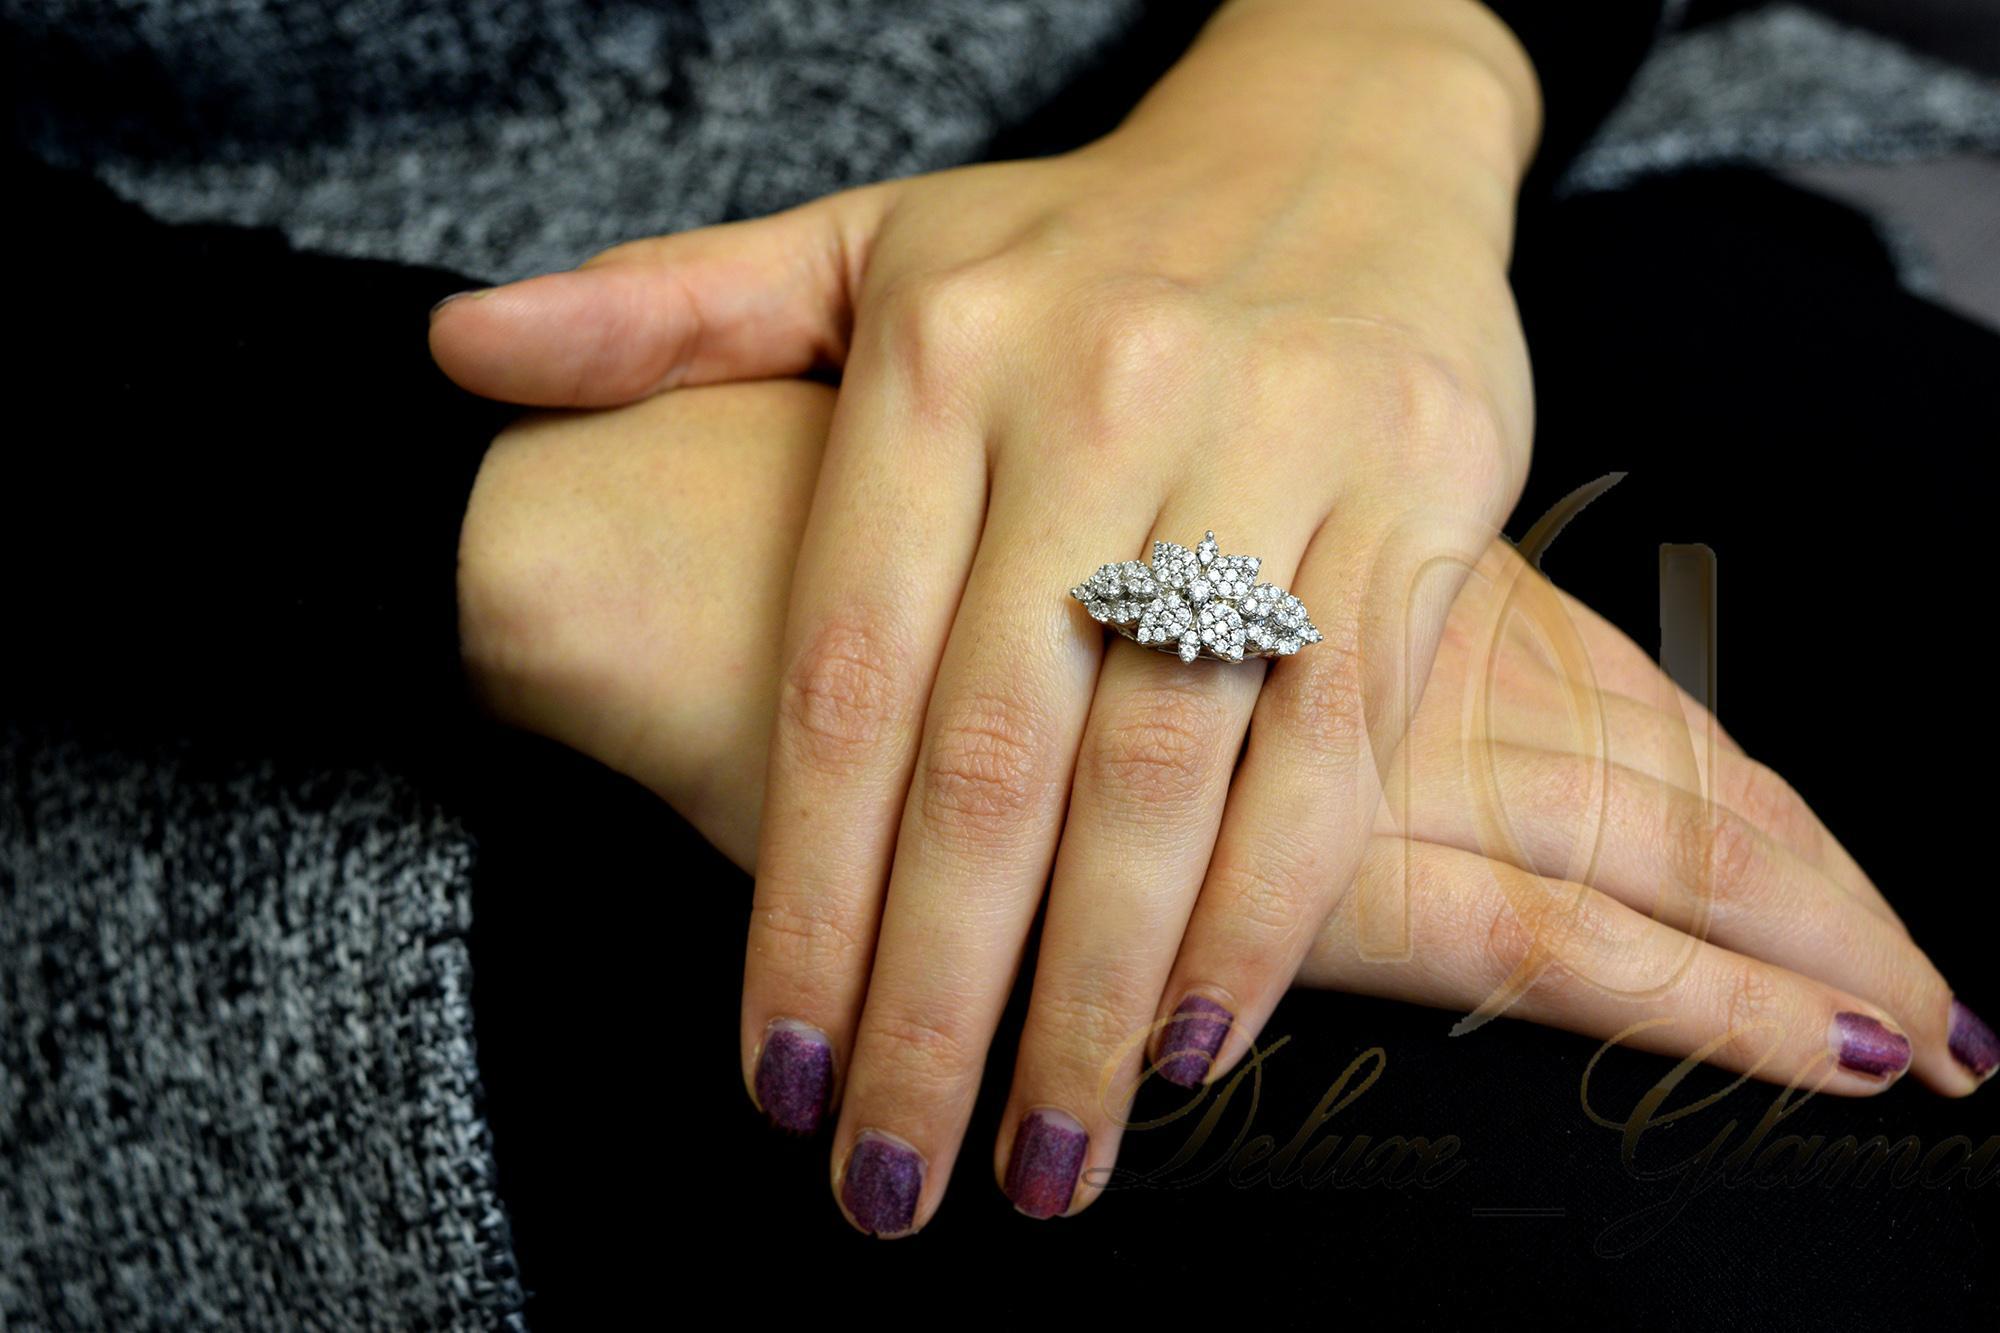 انگشتر نقره زنانه طرح گل rg-n339 از نماي روي دست